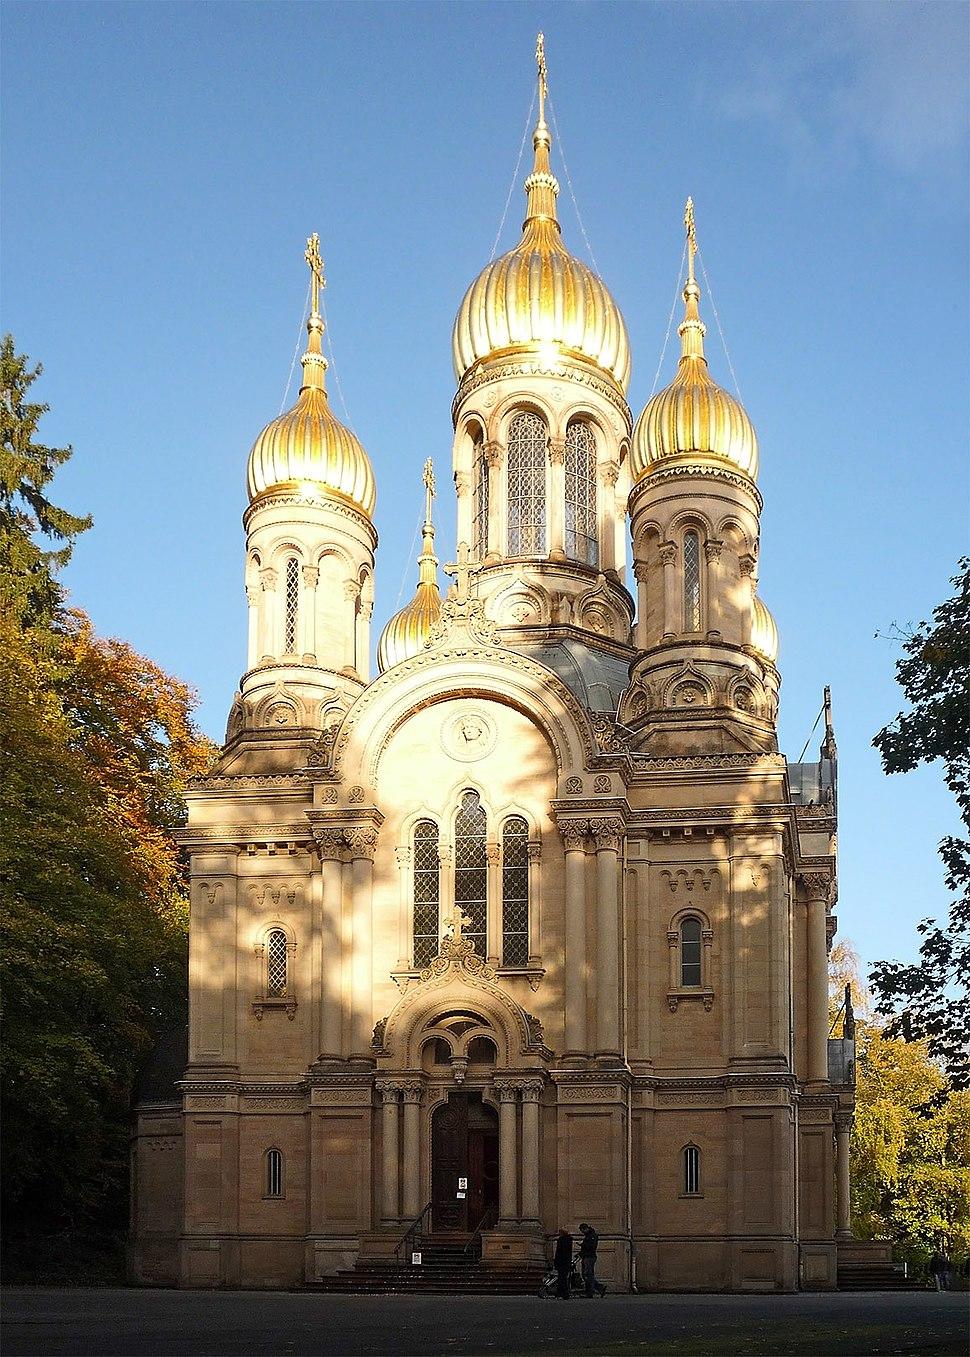 Russ Orth Kirche Wiesbaden 865-h